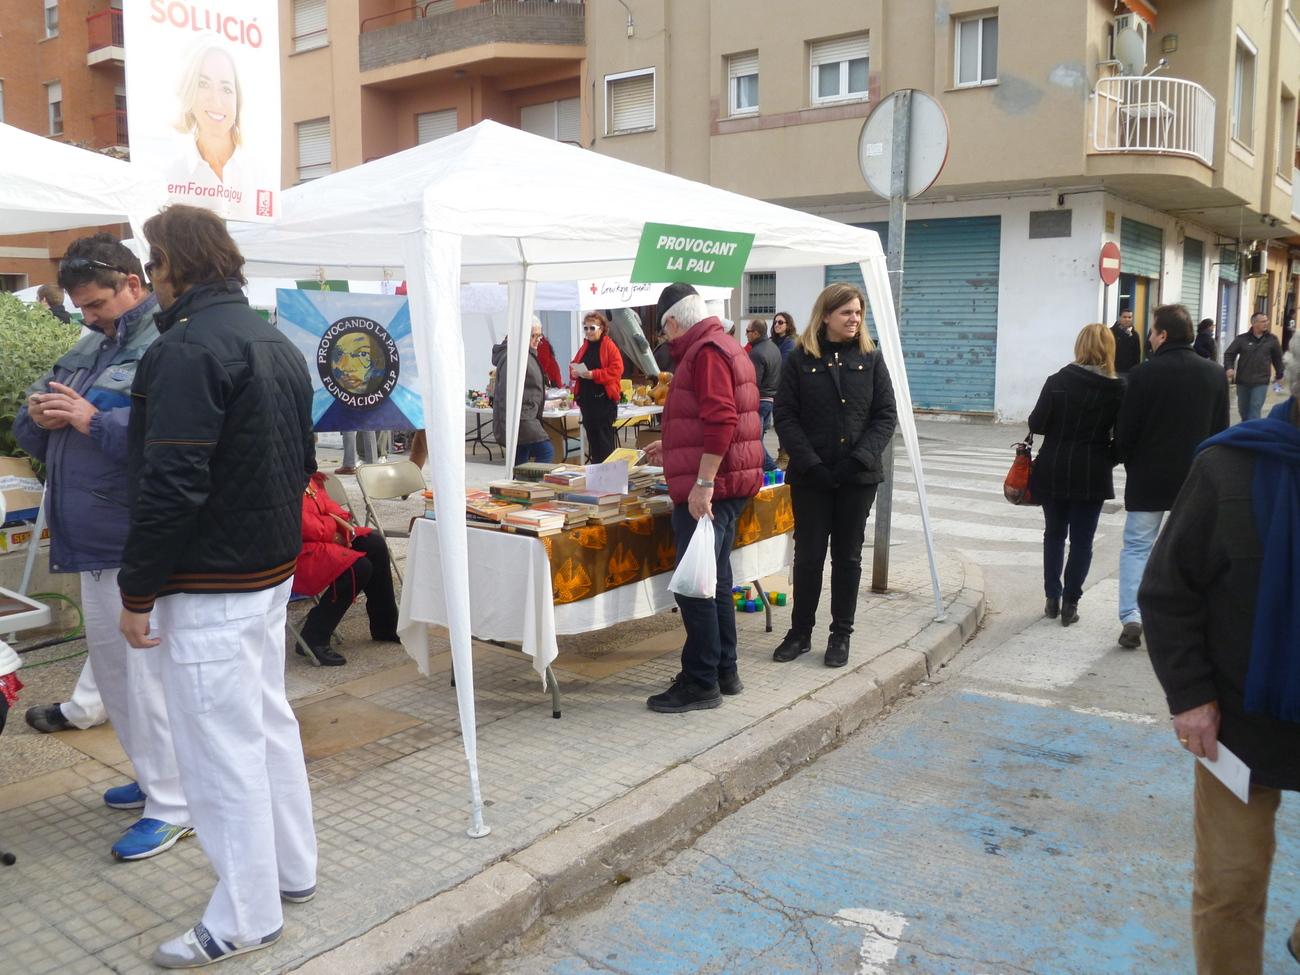 movilizacion-social-acciones-voluntariado-estands-en-ferias-4